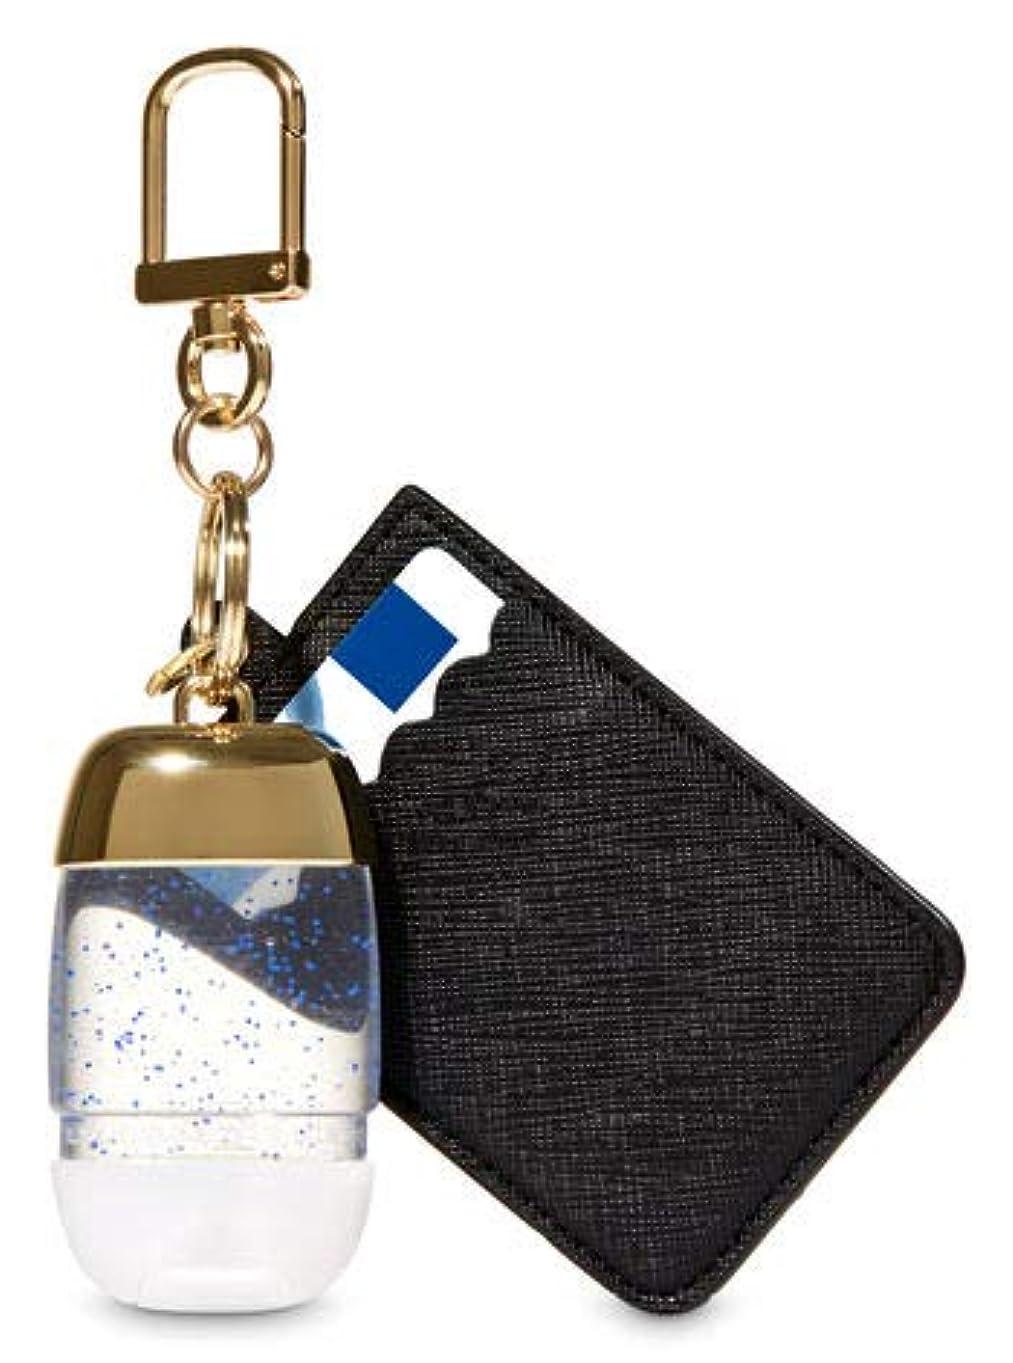 学校ゴシップ弓【Bath&Body Works/バス&ボディワークス】 抗菌ハンドジェルホルダー カードケース ブラック&ゴールド Credit Card & PocketBac Holder Black & Gold [並行輸入品]